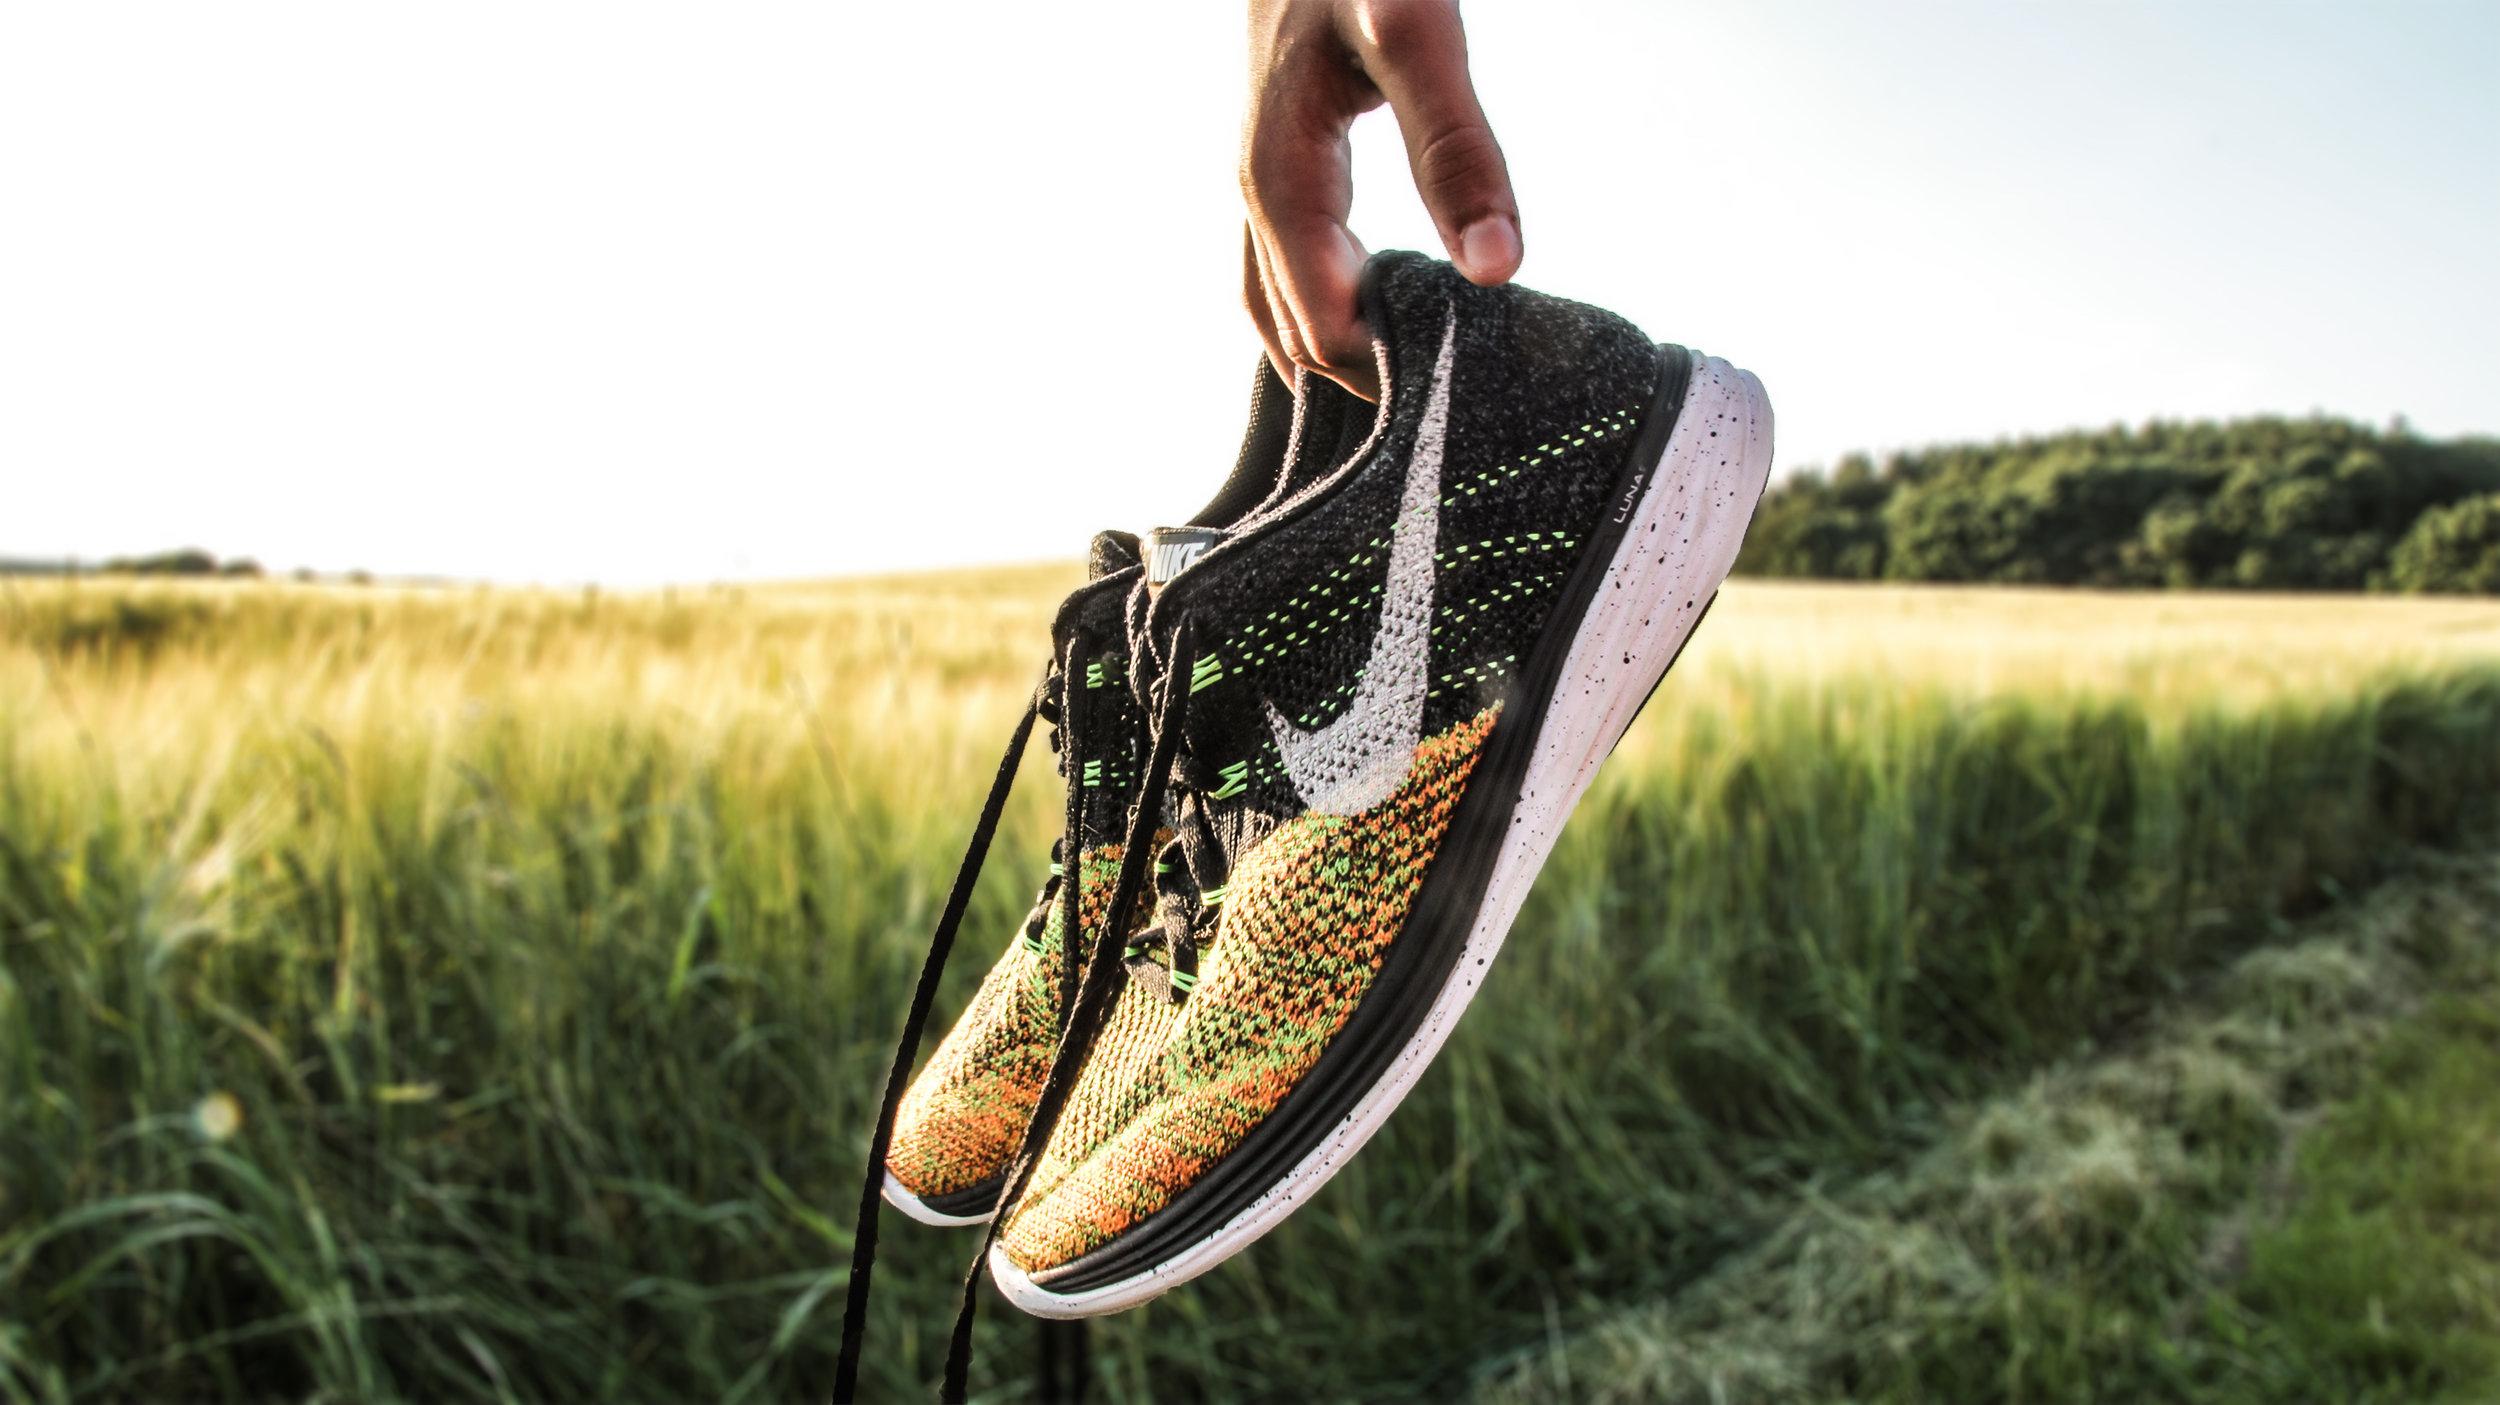 explosión Corte Ataque de nervios  Mission Statement Examples: Nike: ResultMaps